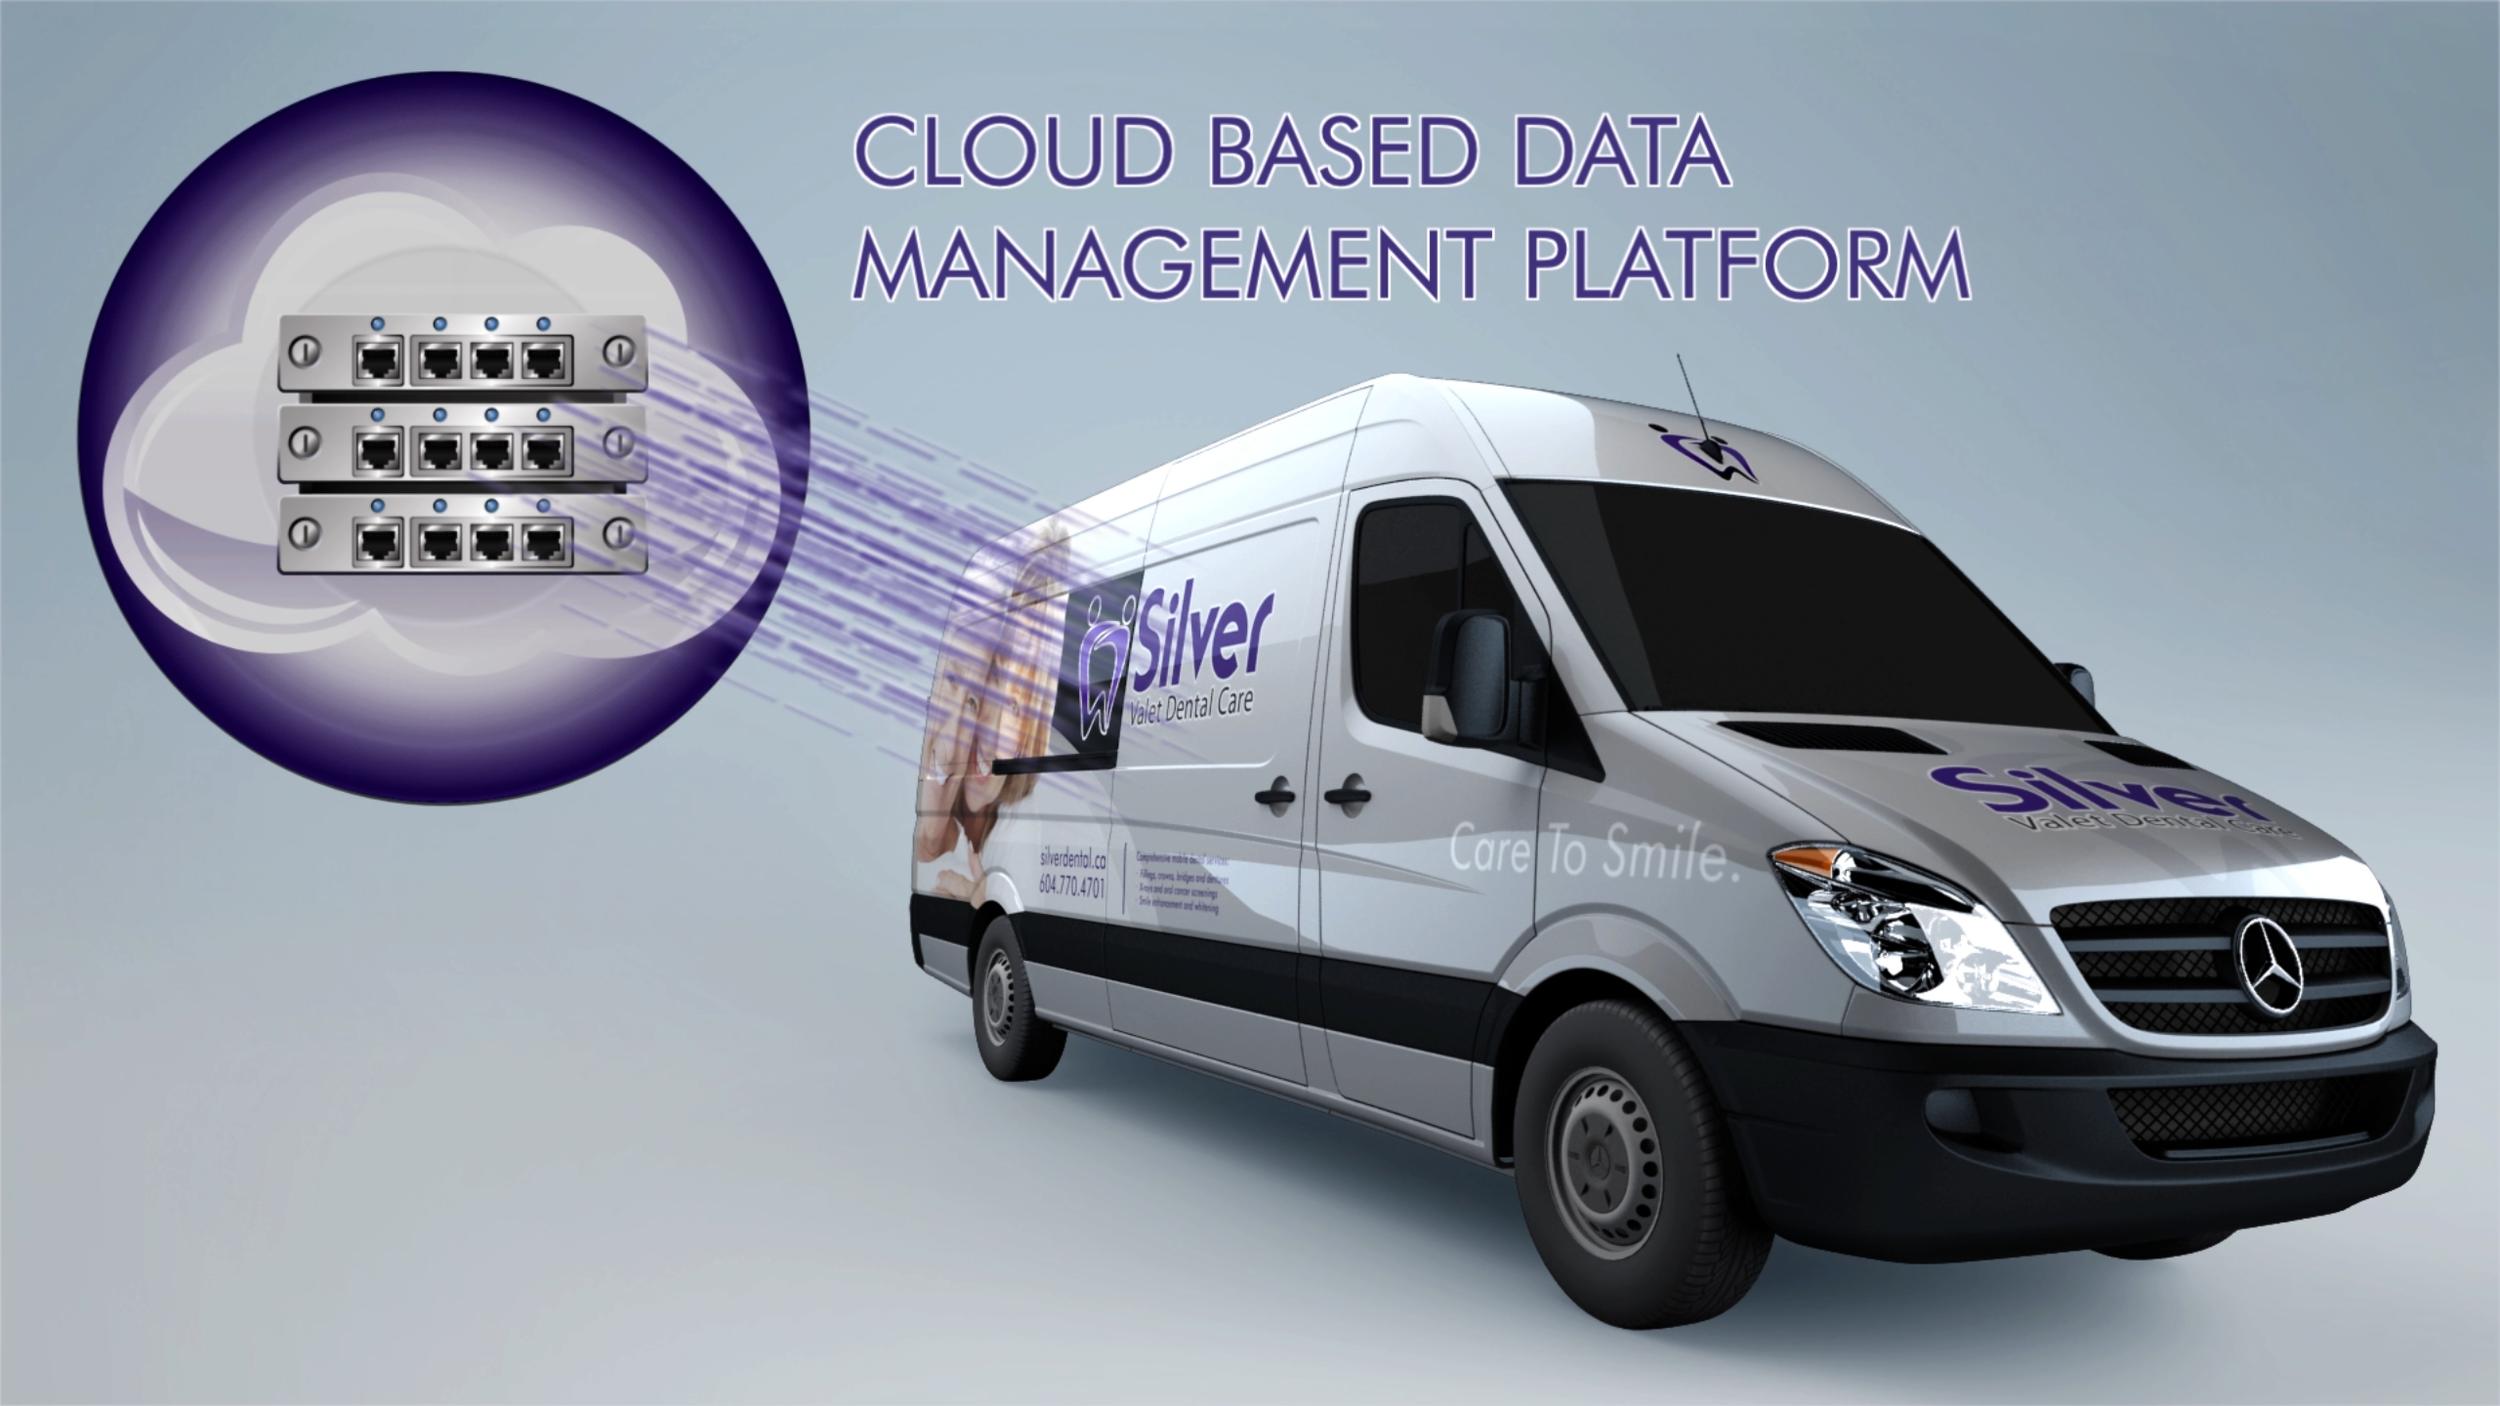 Cloud based data management platform